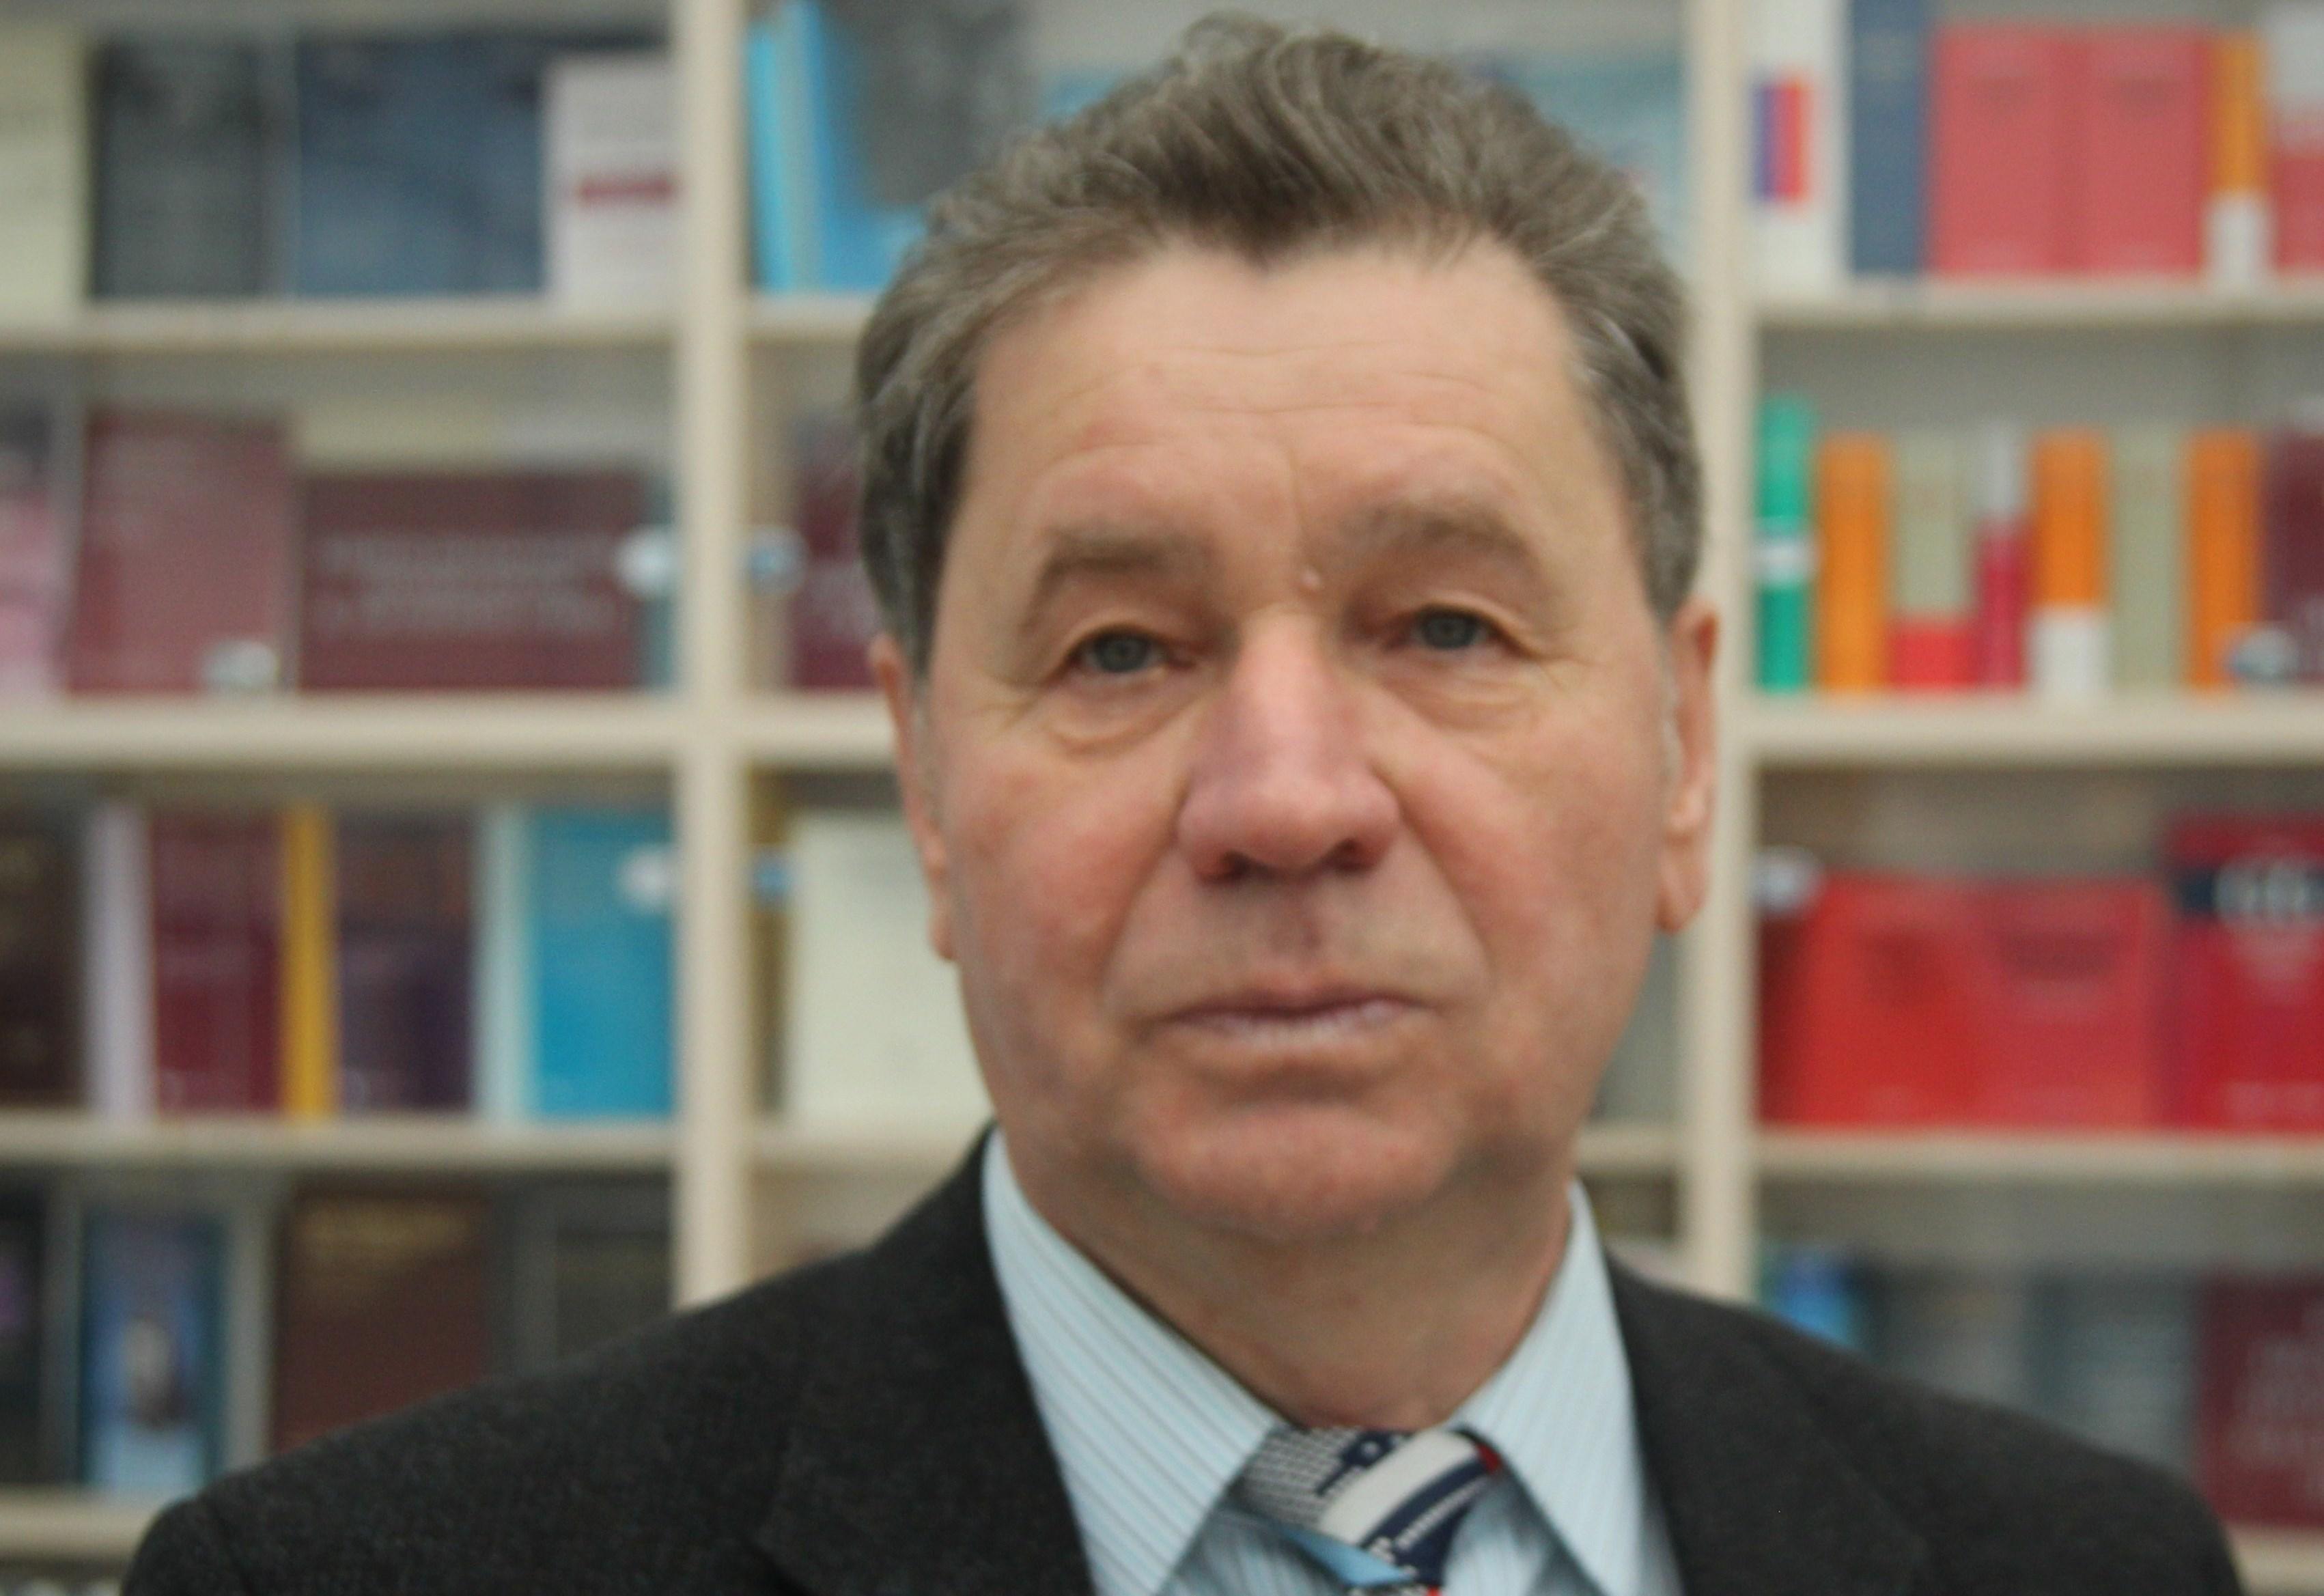 Офіційно працевлаштовані в Угорщині українці компенсують витрати на соцвиплати пенсіонерам України – експерт